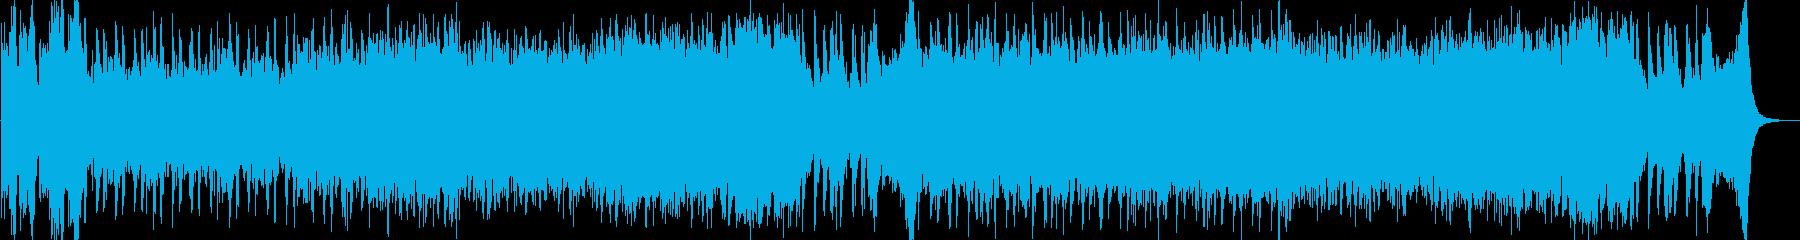 【ゲームBGM】SF鉄感のあるバトル曲1の再生済みの波形